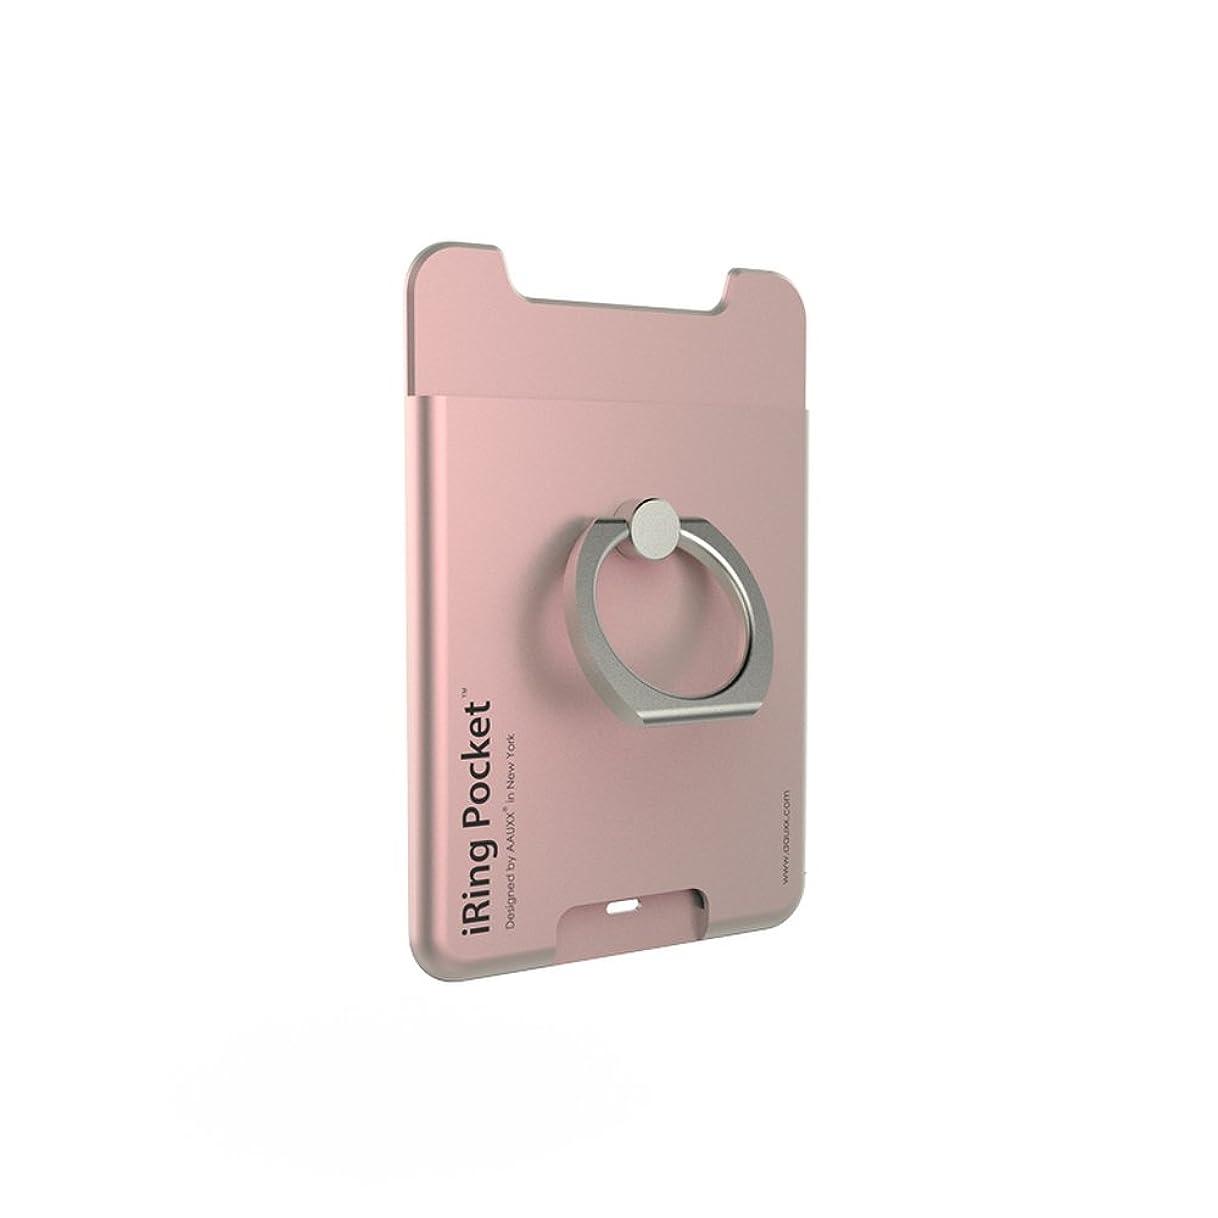 【正規輸入品】iRing ポケット スマホグリップ スタンド ローズゴールド ICカード対応 スマホ タブレット用 落下防止 UMS-IR03PKRG